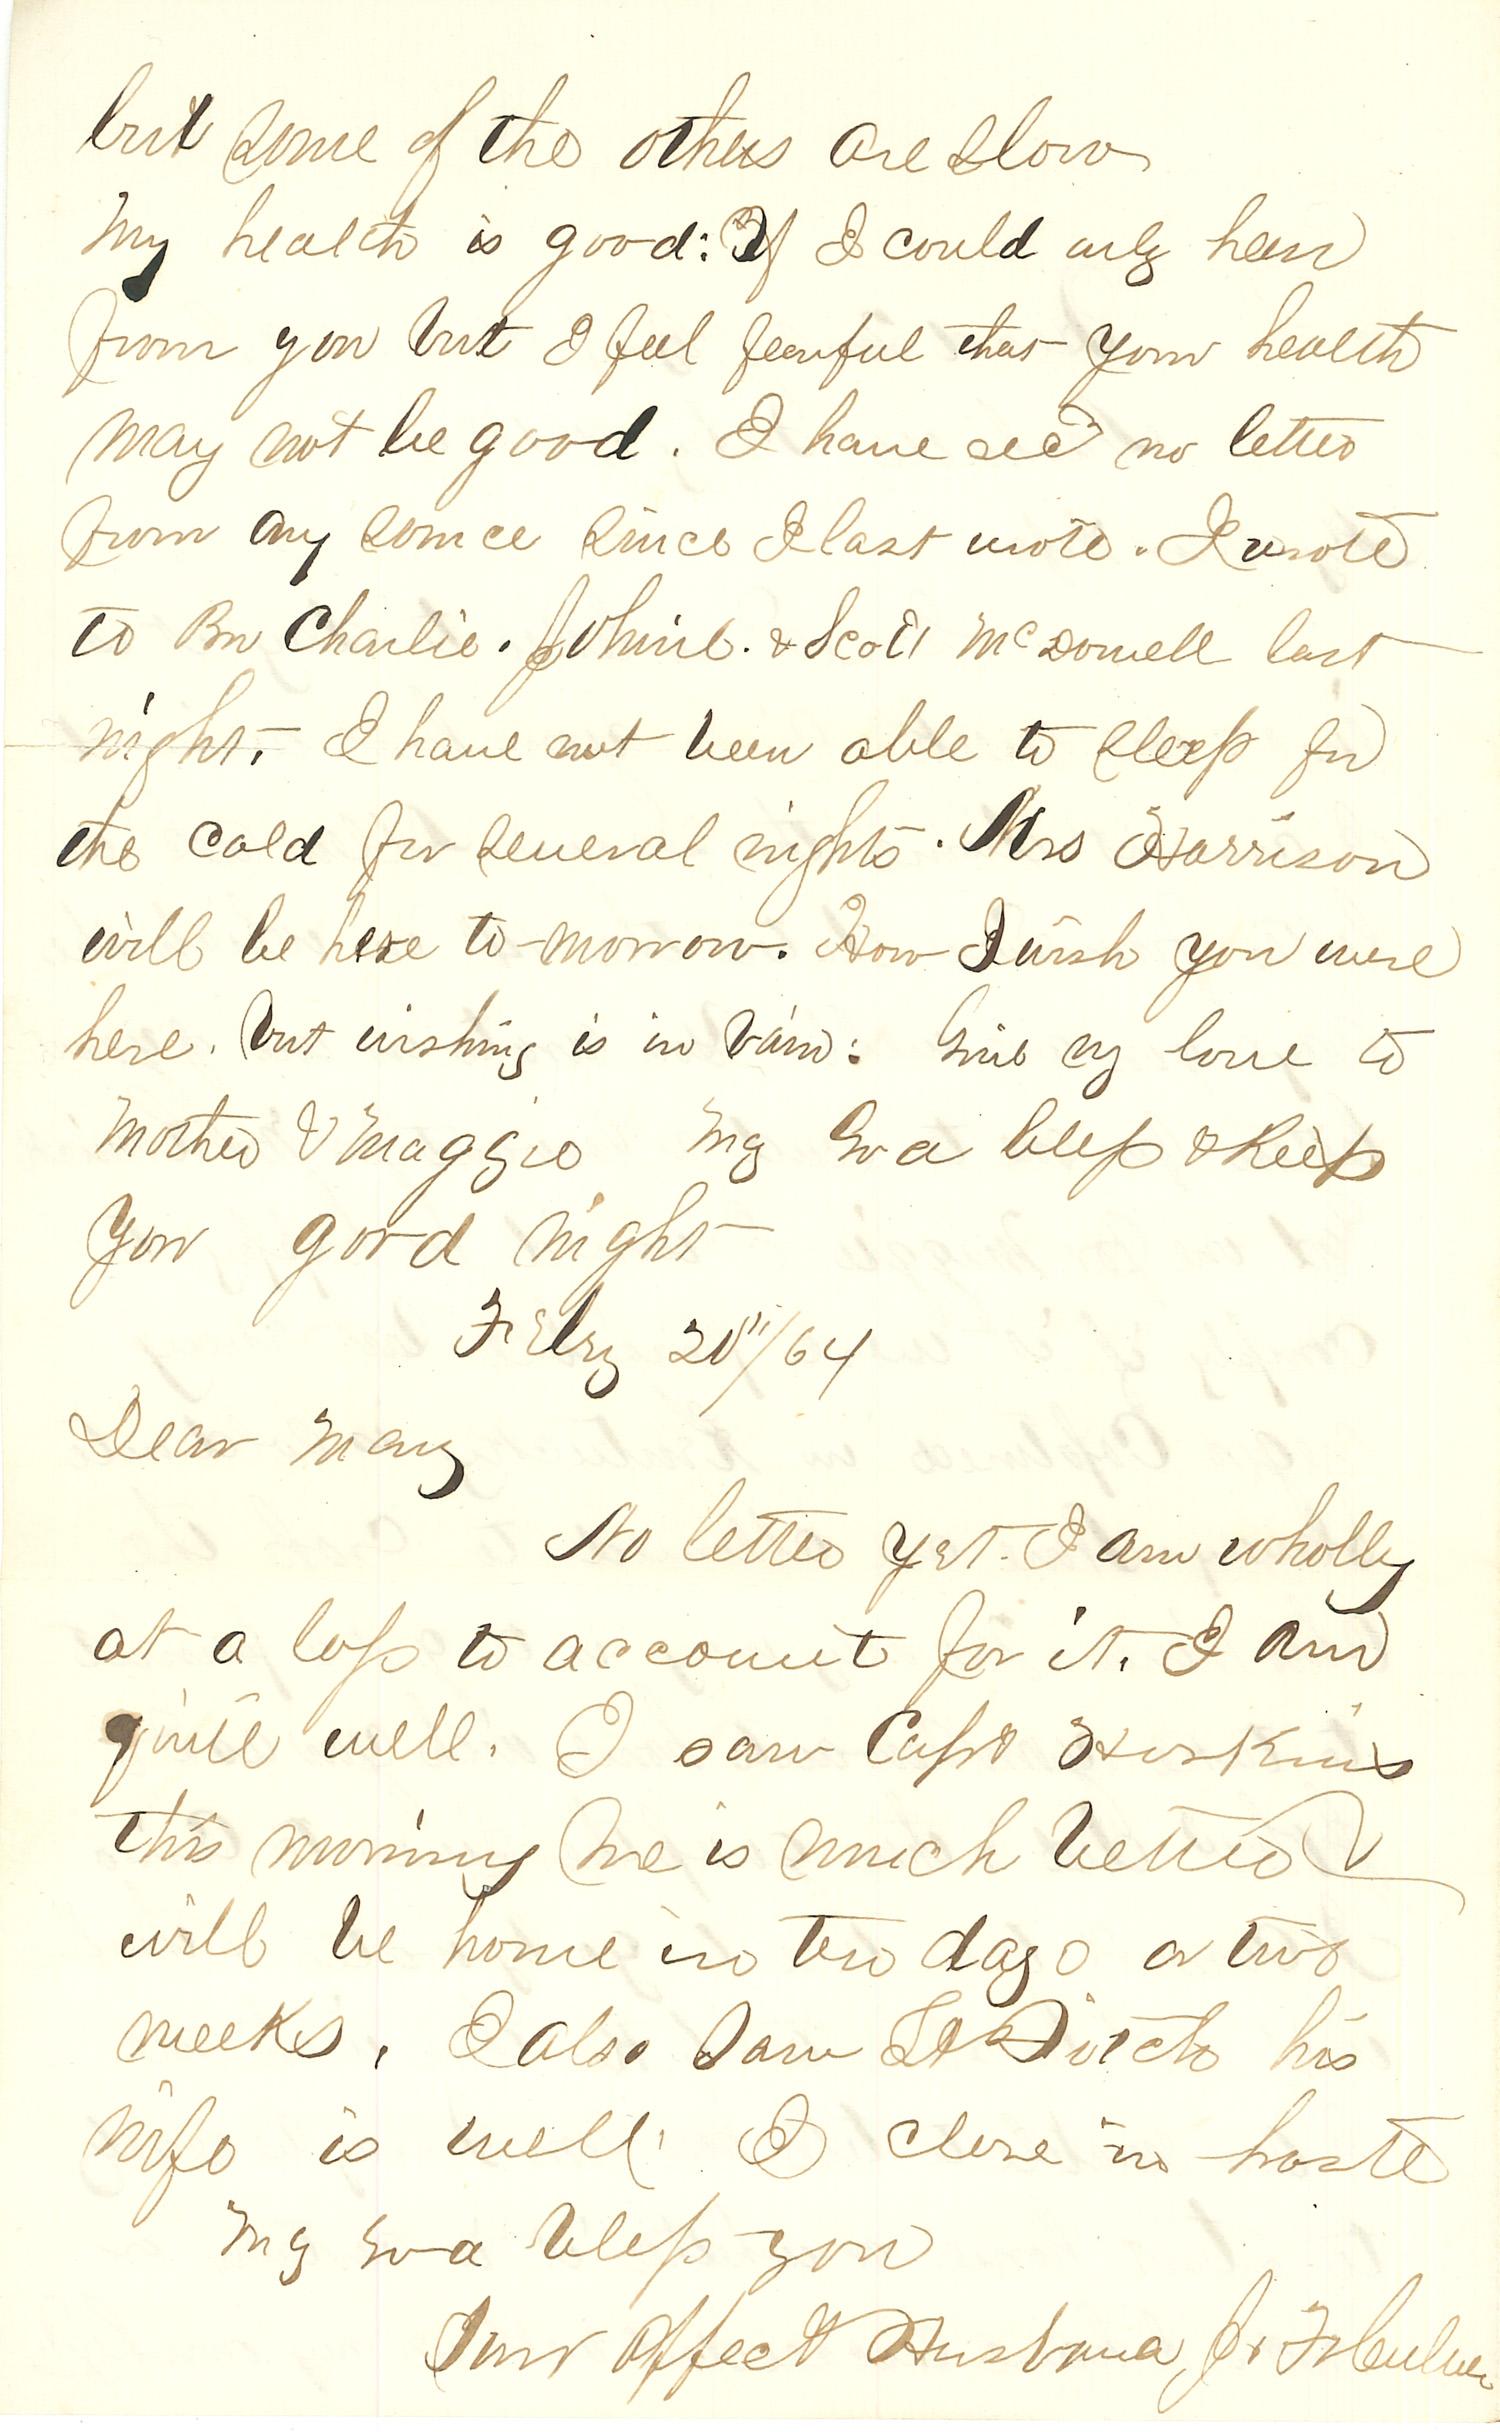 Joseph Culver Letter, February 20, 1864